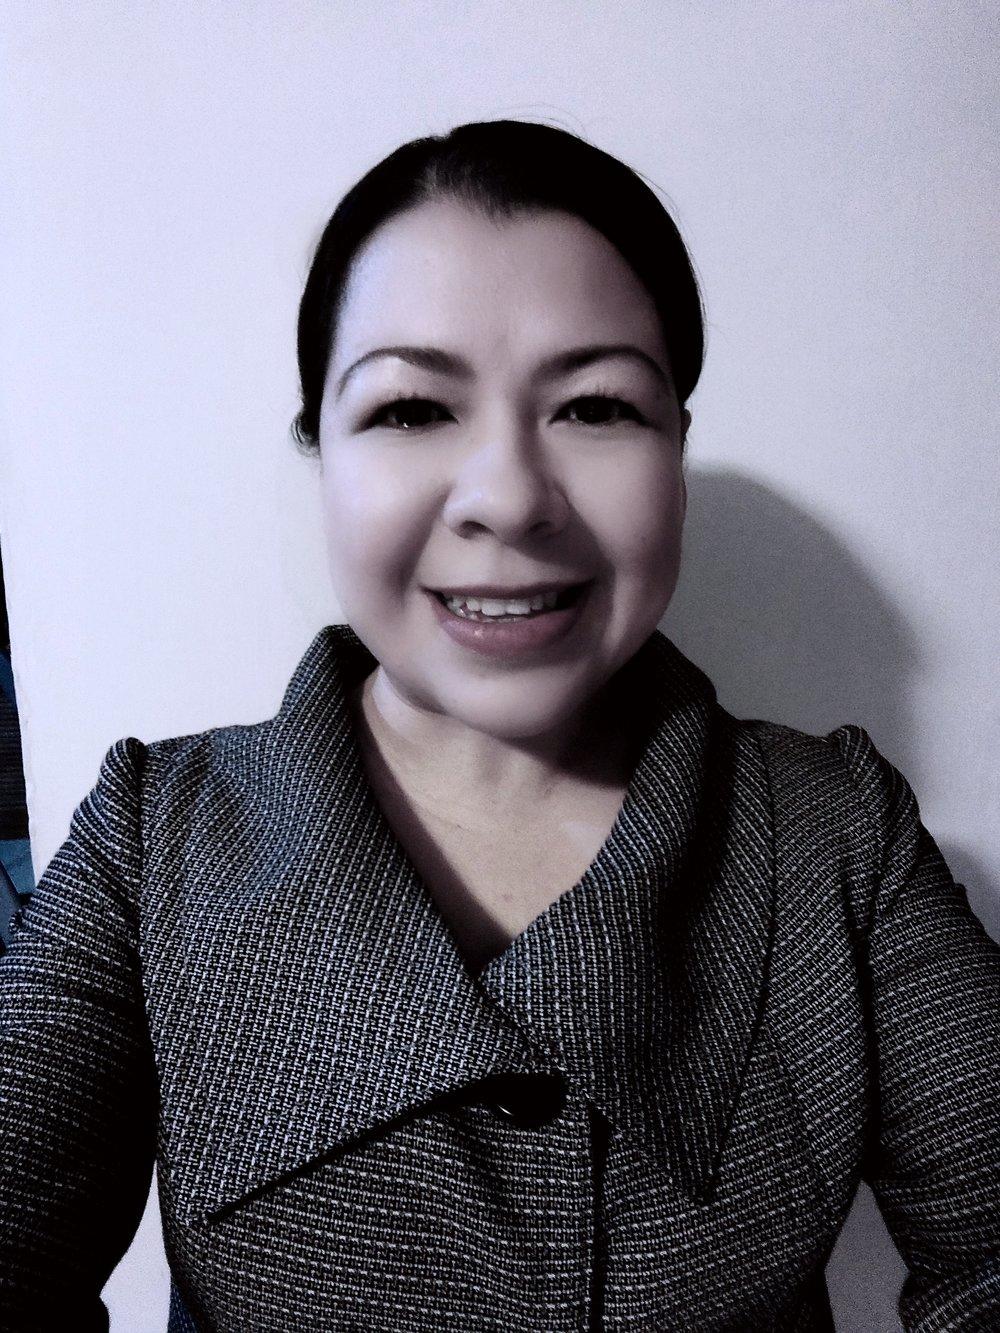 Liliana García Salazar. - Conferencista, tallerista y formadora de habilidades socioemocionales, atención plena y compasión. Con más de 12 años de experiencia contemplativa y una década dedicada a trabajar mindfulness para niños. Actualmente escribe libros de texto para el desarrollo de habilidades socioemocionales. Cuenta con Maestría en Mindfulness por la Universidad de Zaragoza, España, así como diversas certificaciones internacionales en la materia.